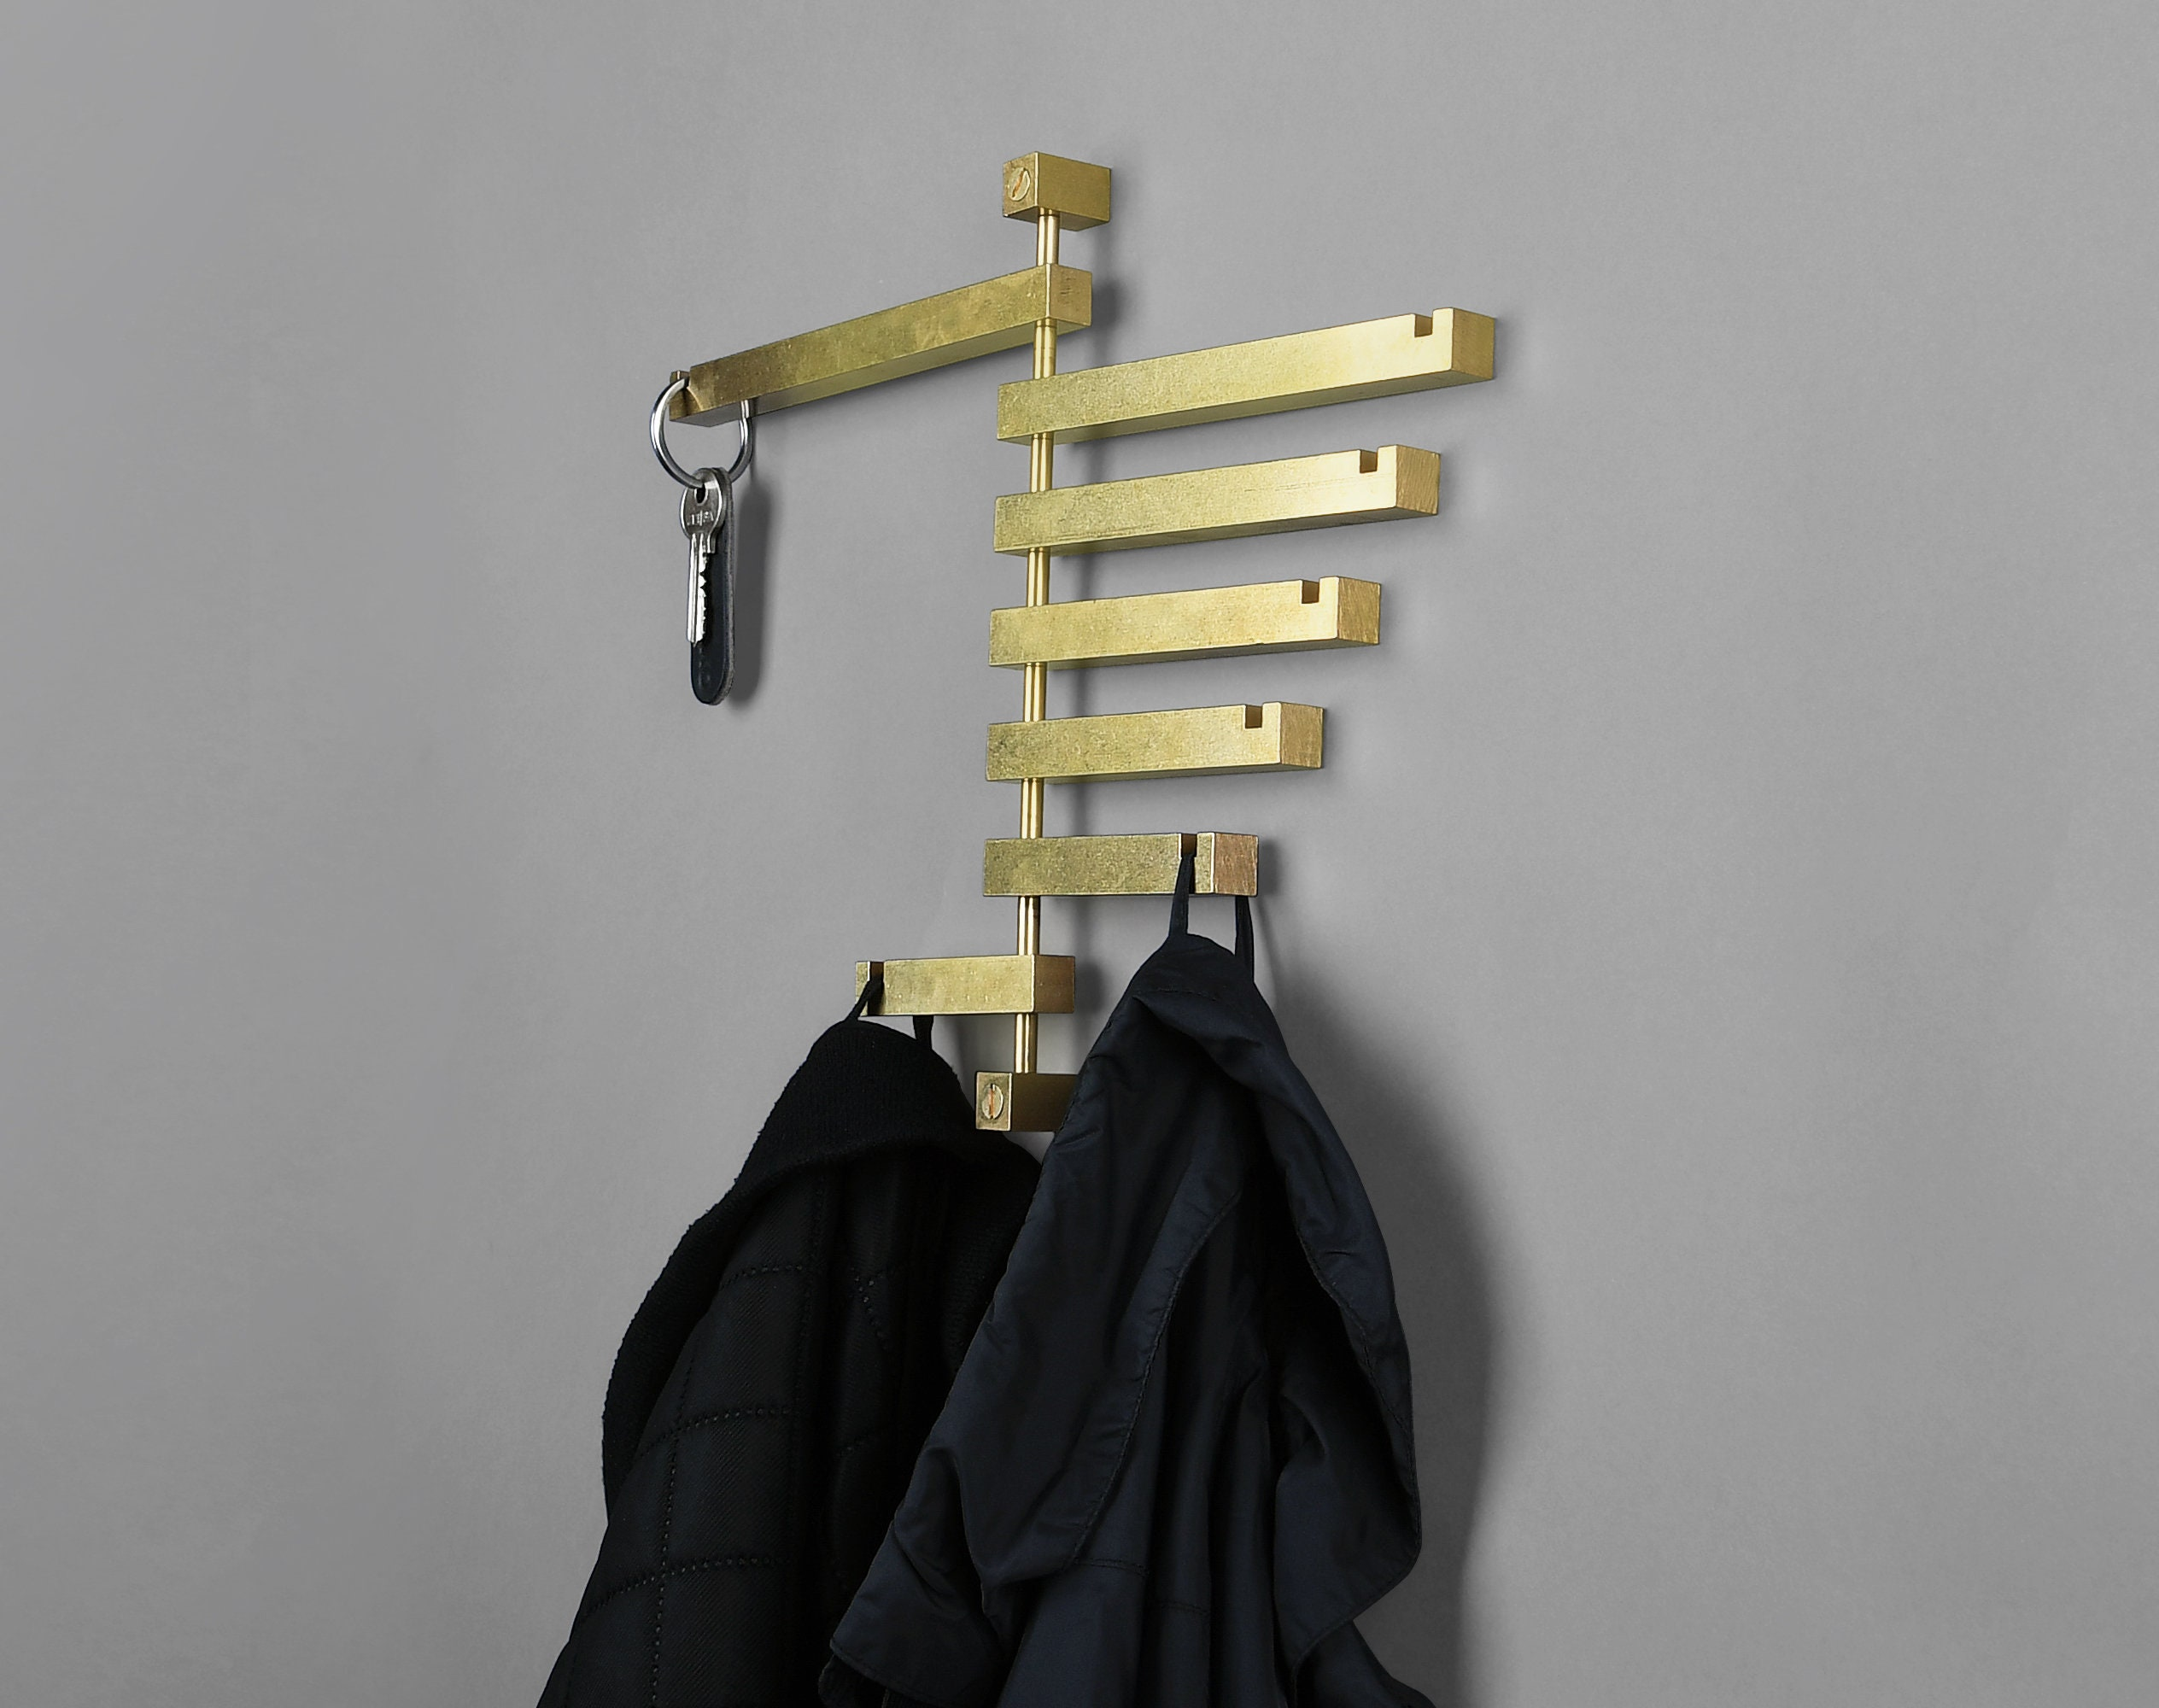 Seven Coat Rack Hanger Wall Mount, How To Hang Coat Hanger On Wall